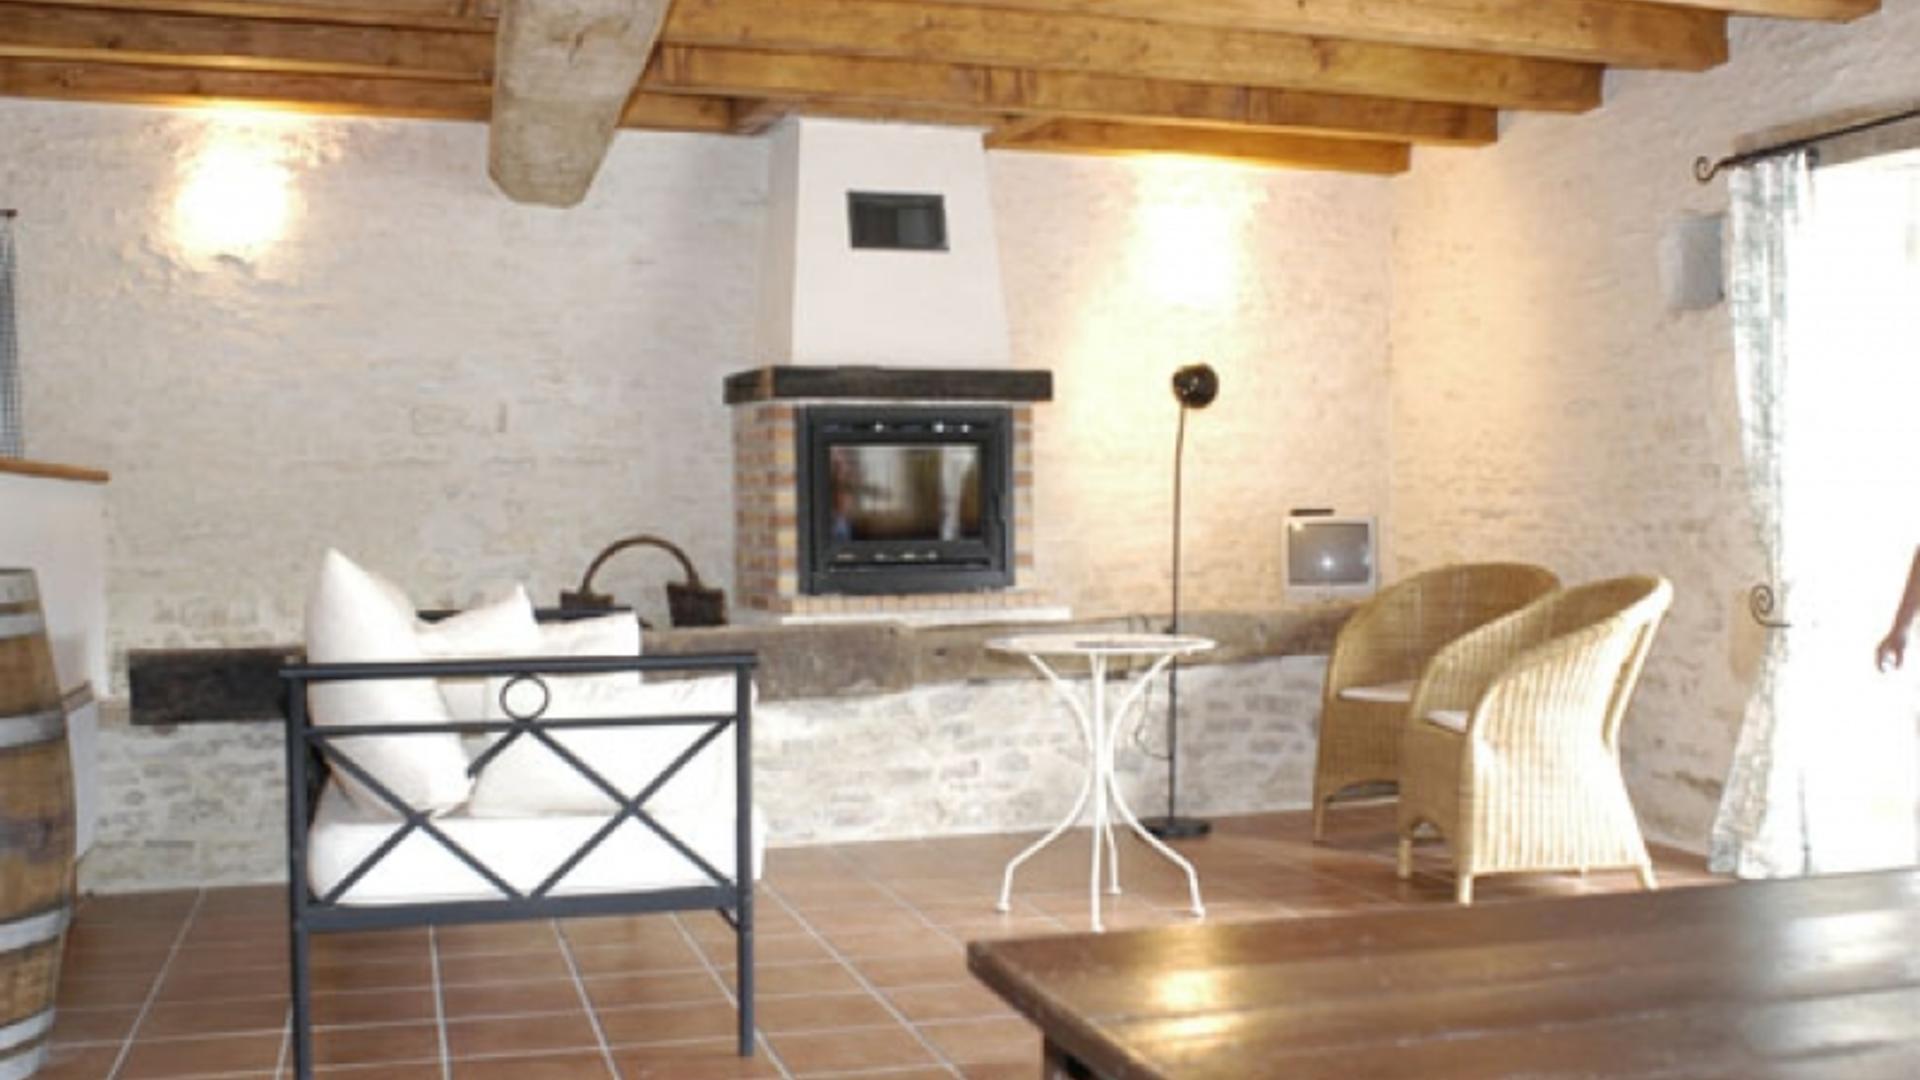 3 Bedroom Gite in Poitou-Charentes, France